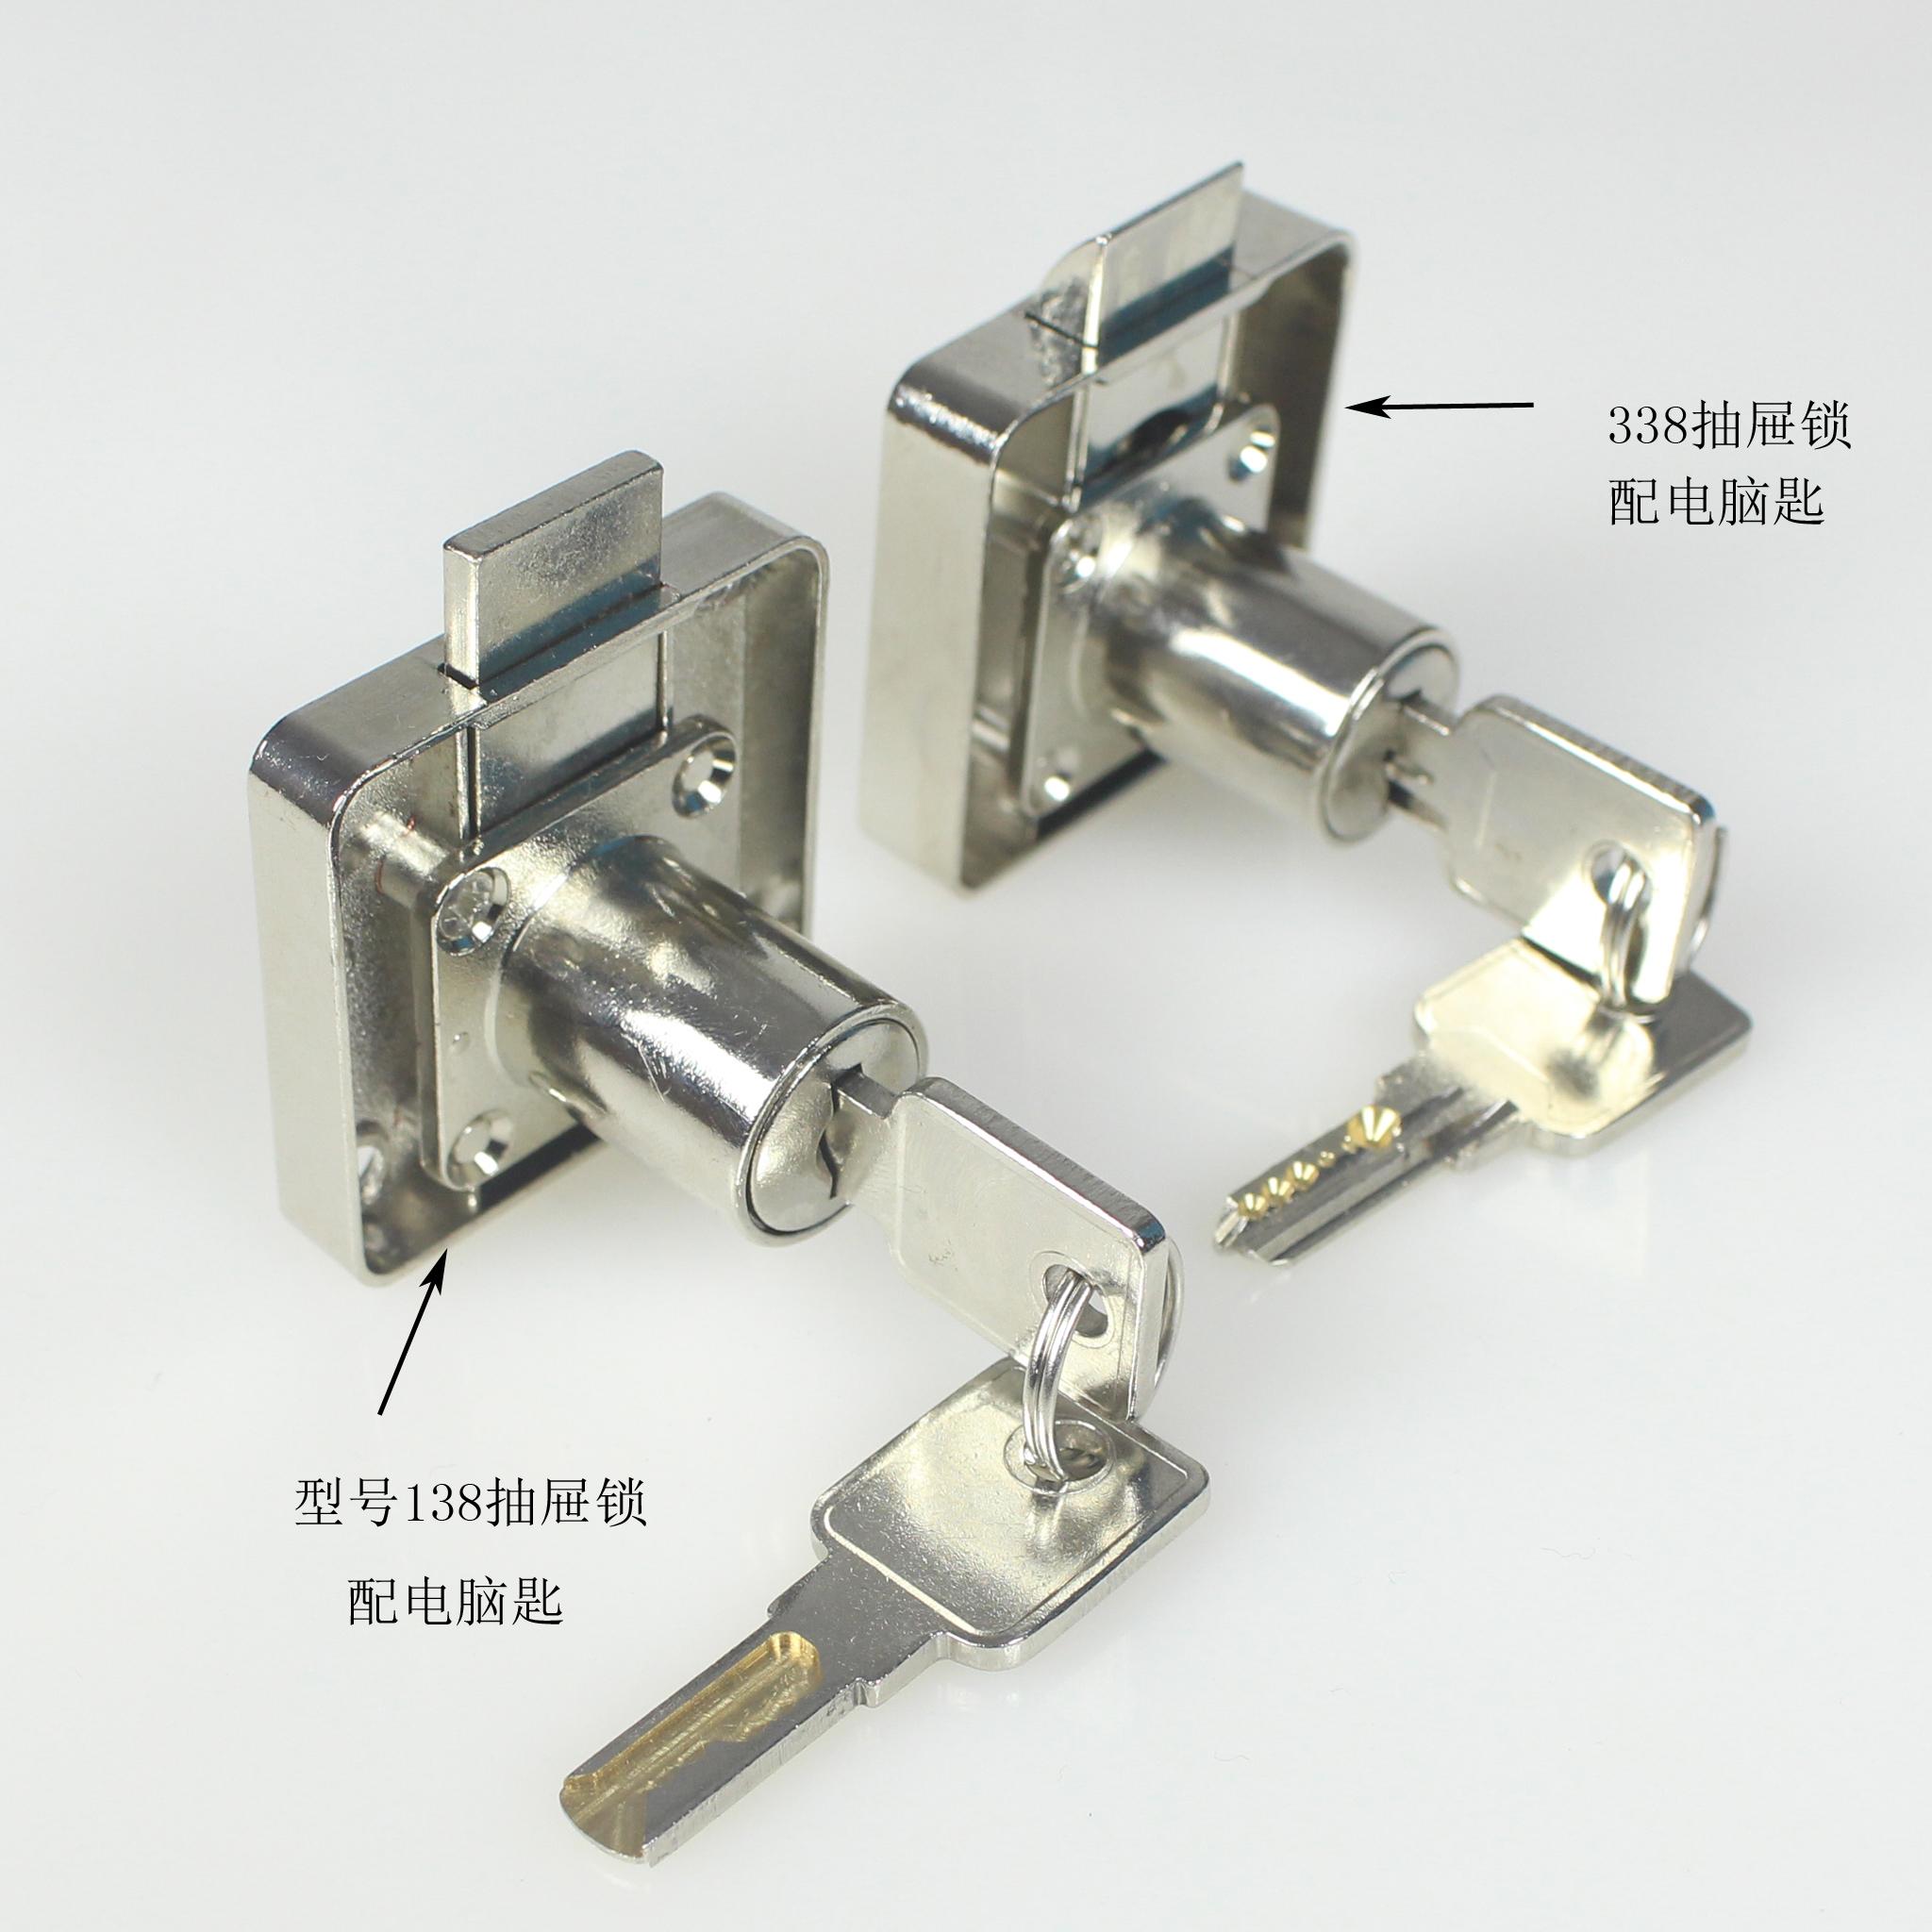 工具车抽屉锁